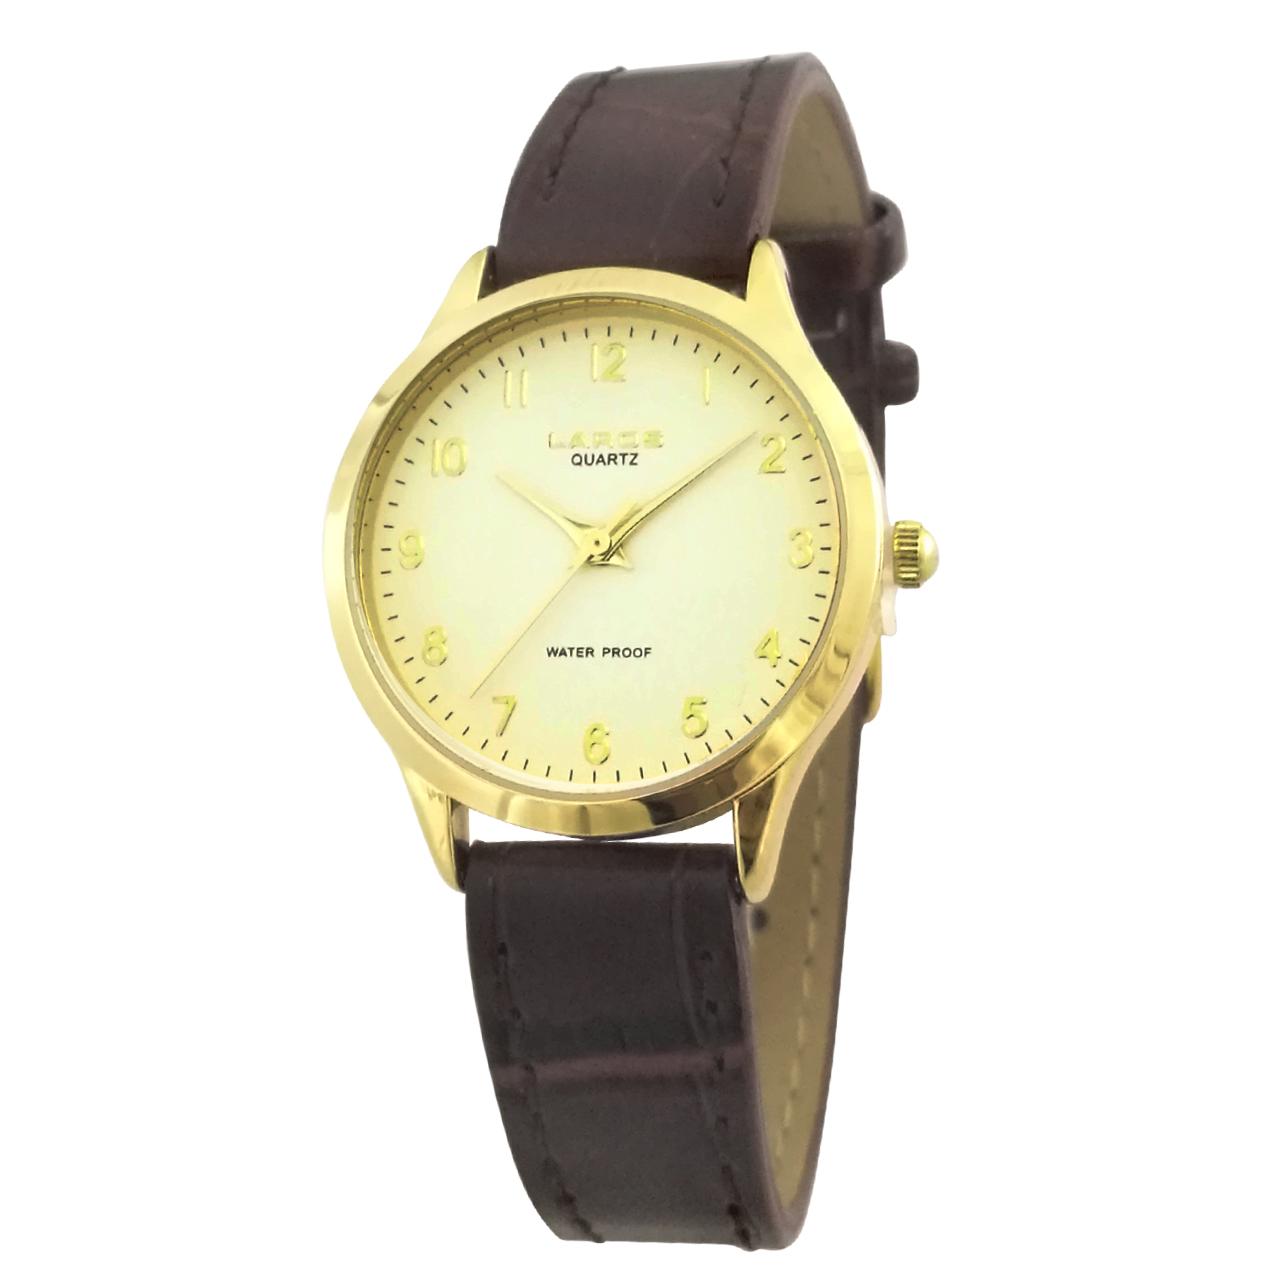 ساعت مچی عقربه ای زنانه لاروس مدل 0118-80206-s به همراه دستمال مخصوص برند کلین واچ 39